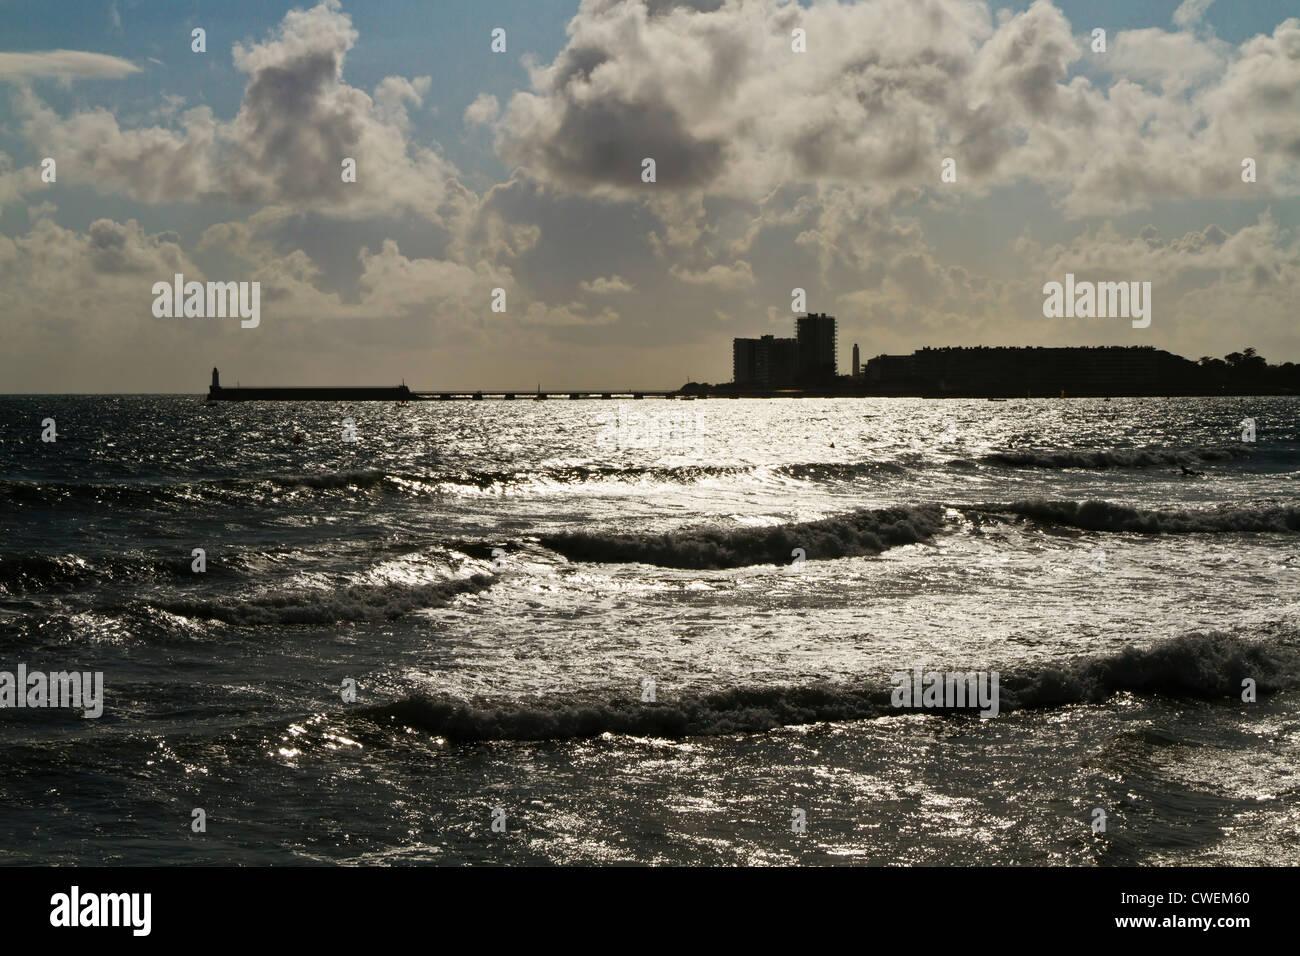 Sunlight on the Atlantic Ocean, France, Europe. - Stock Image